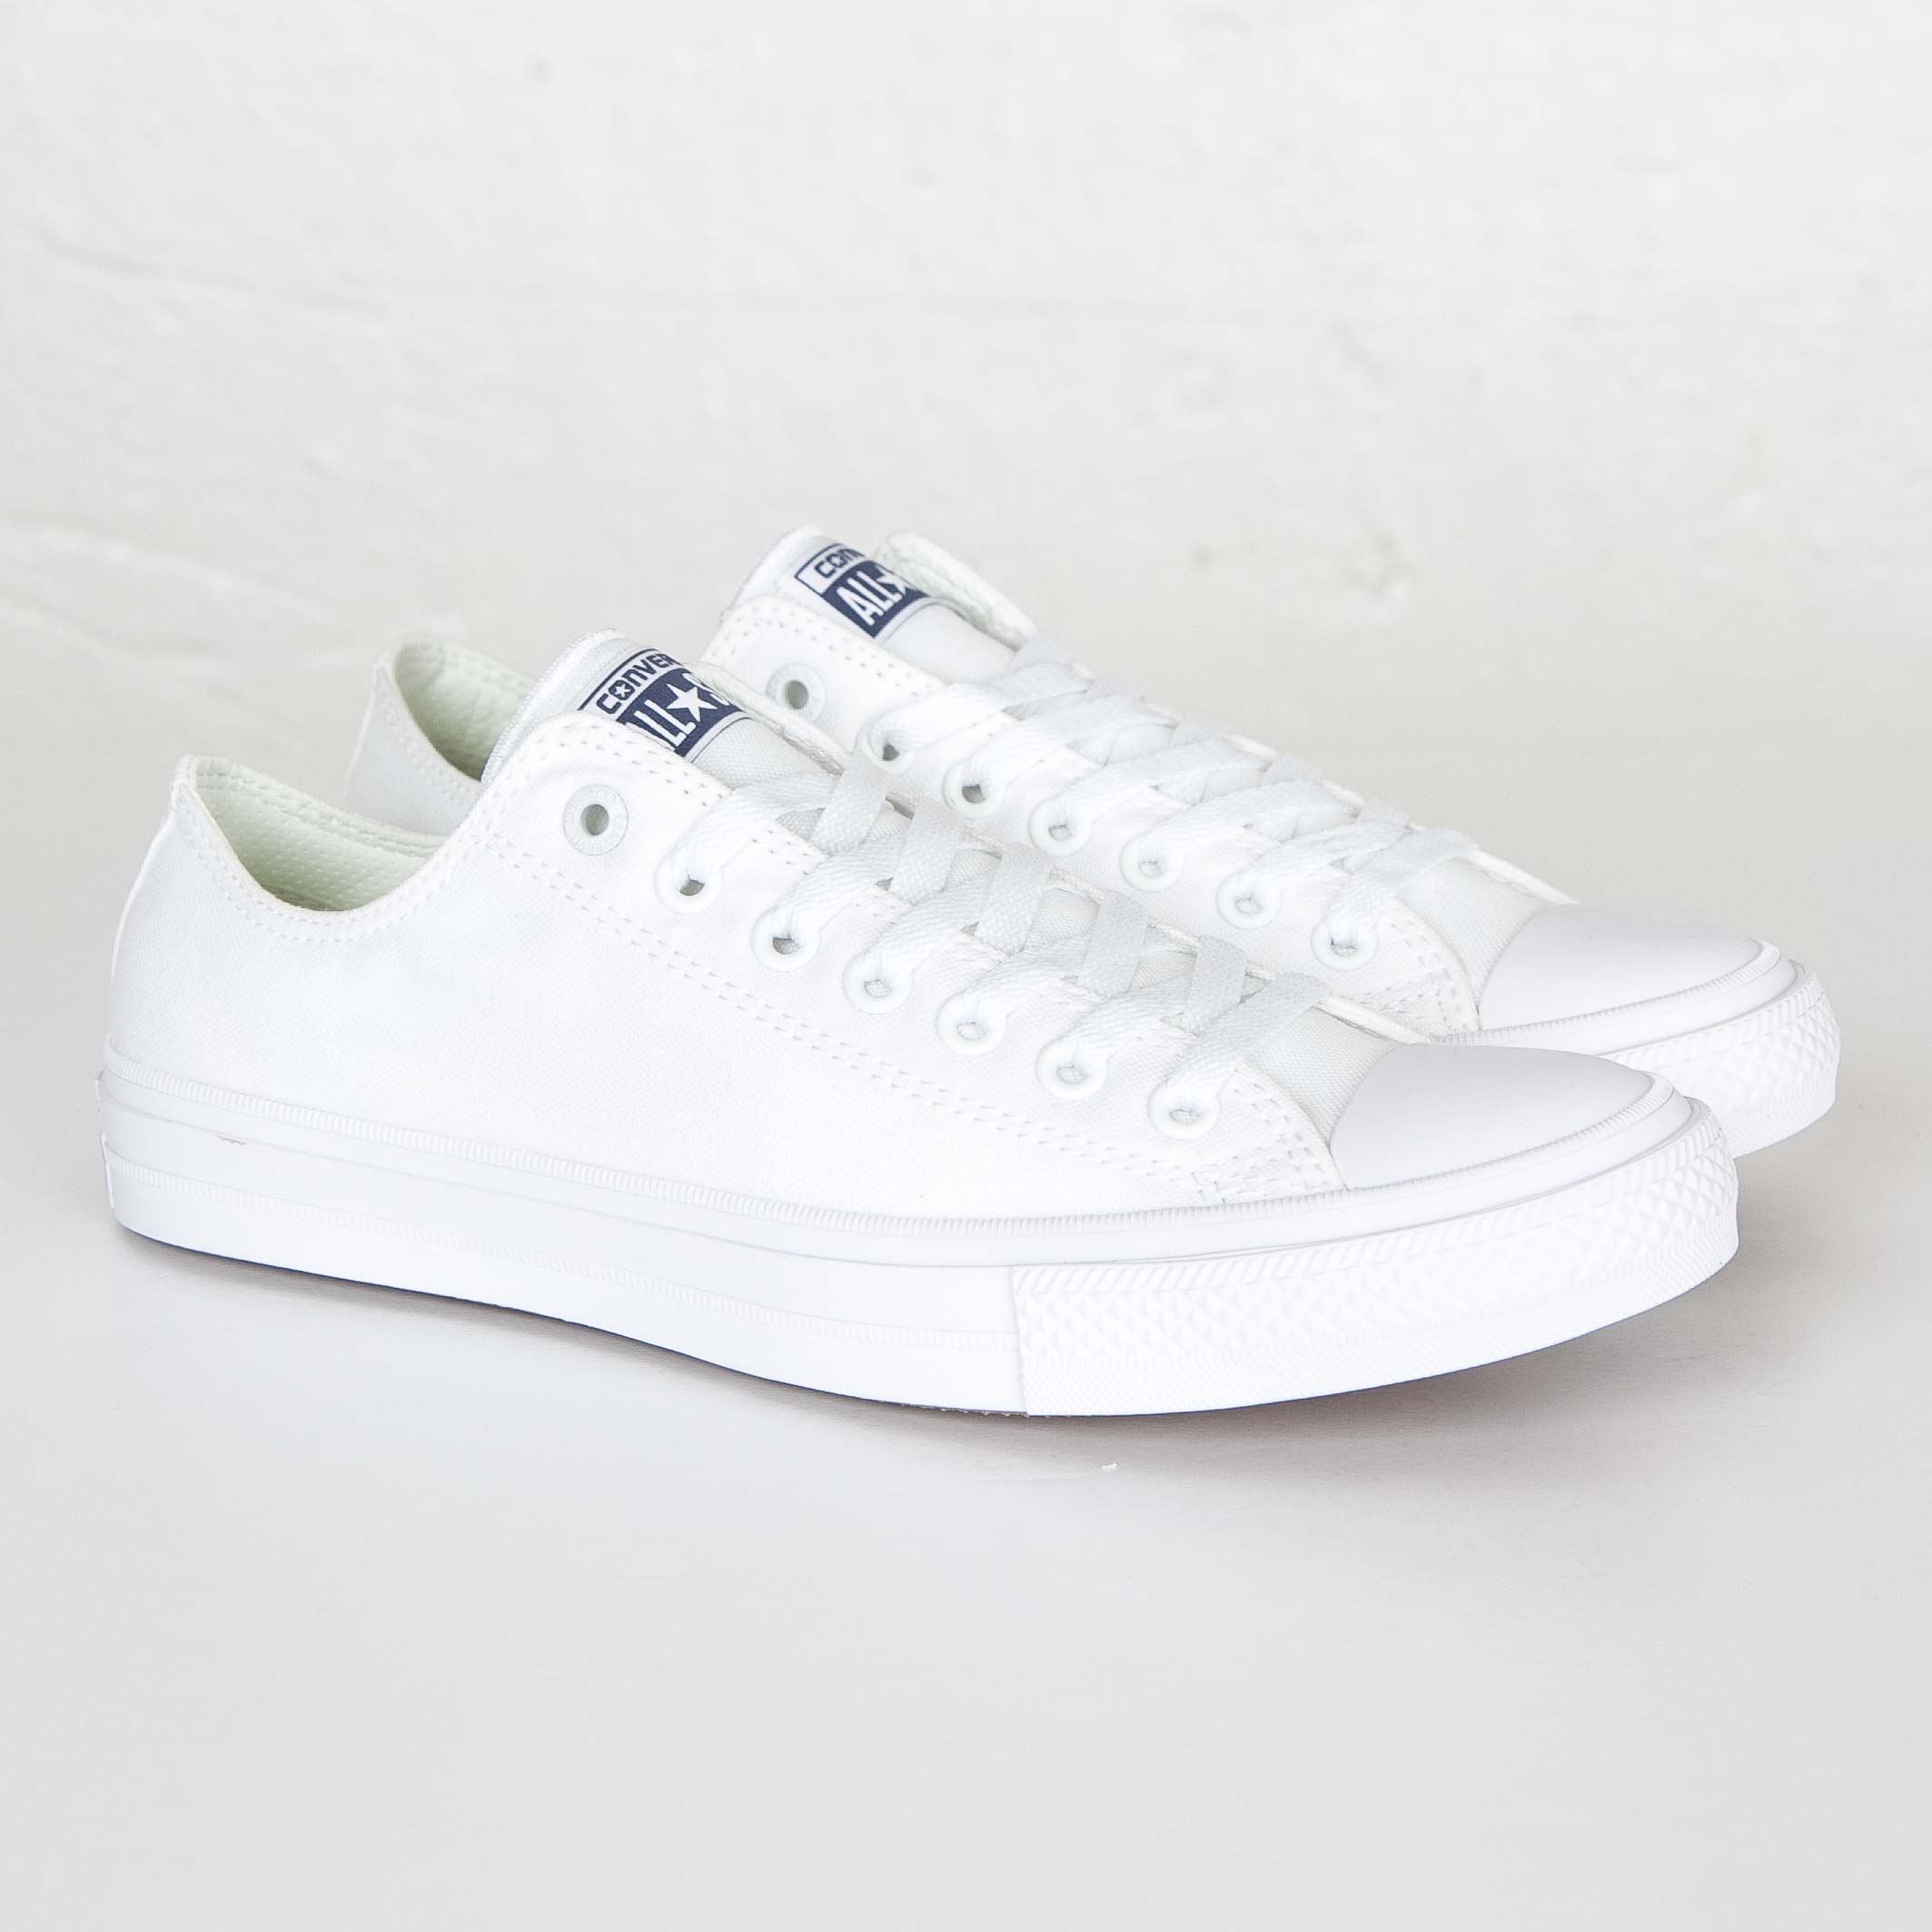 Converse Chuck Taylor II Ox - 150154c - Sneakersnstuff  21f6341f0